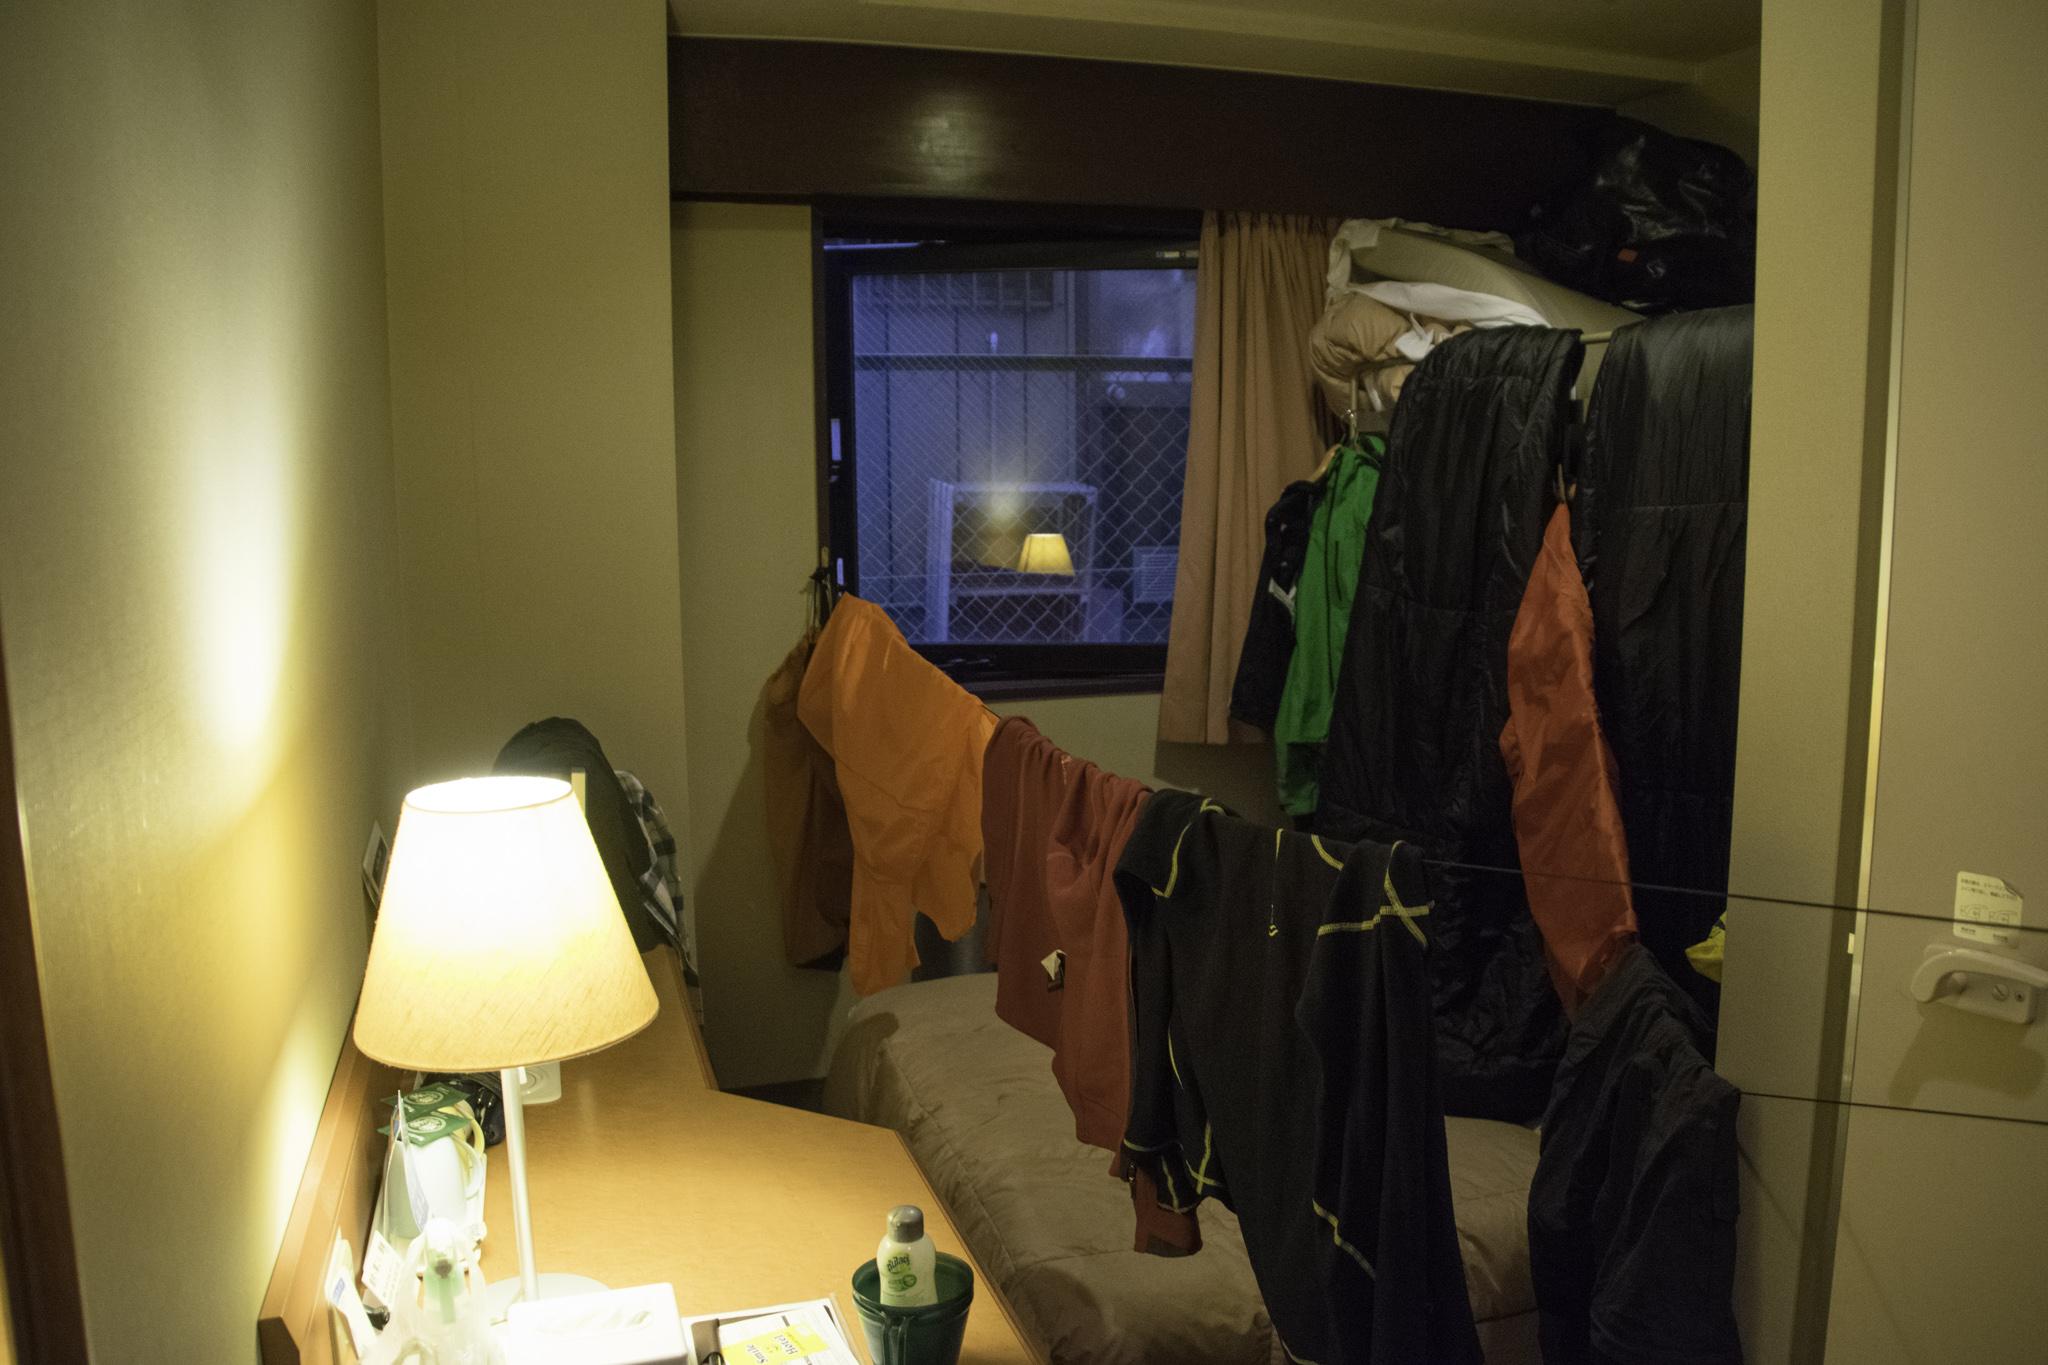 Kleider und Material trocknen im Hotelzimmer